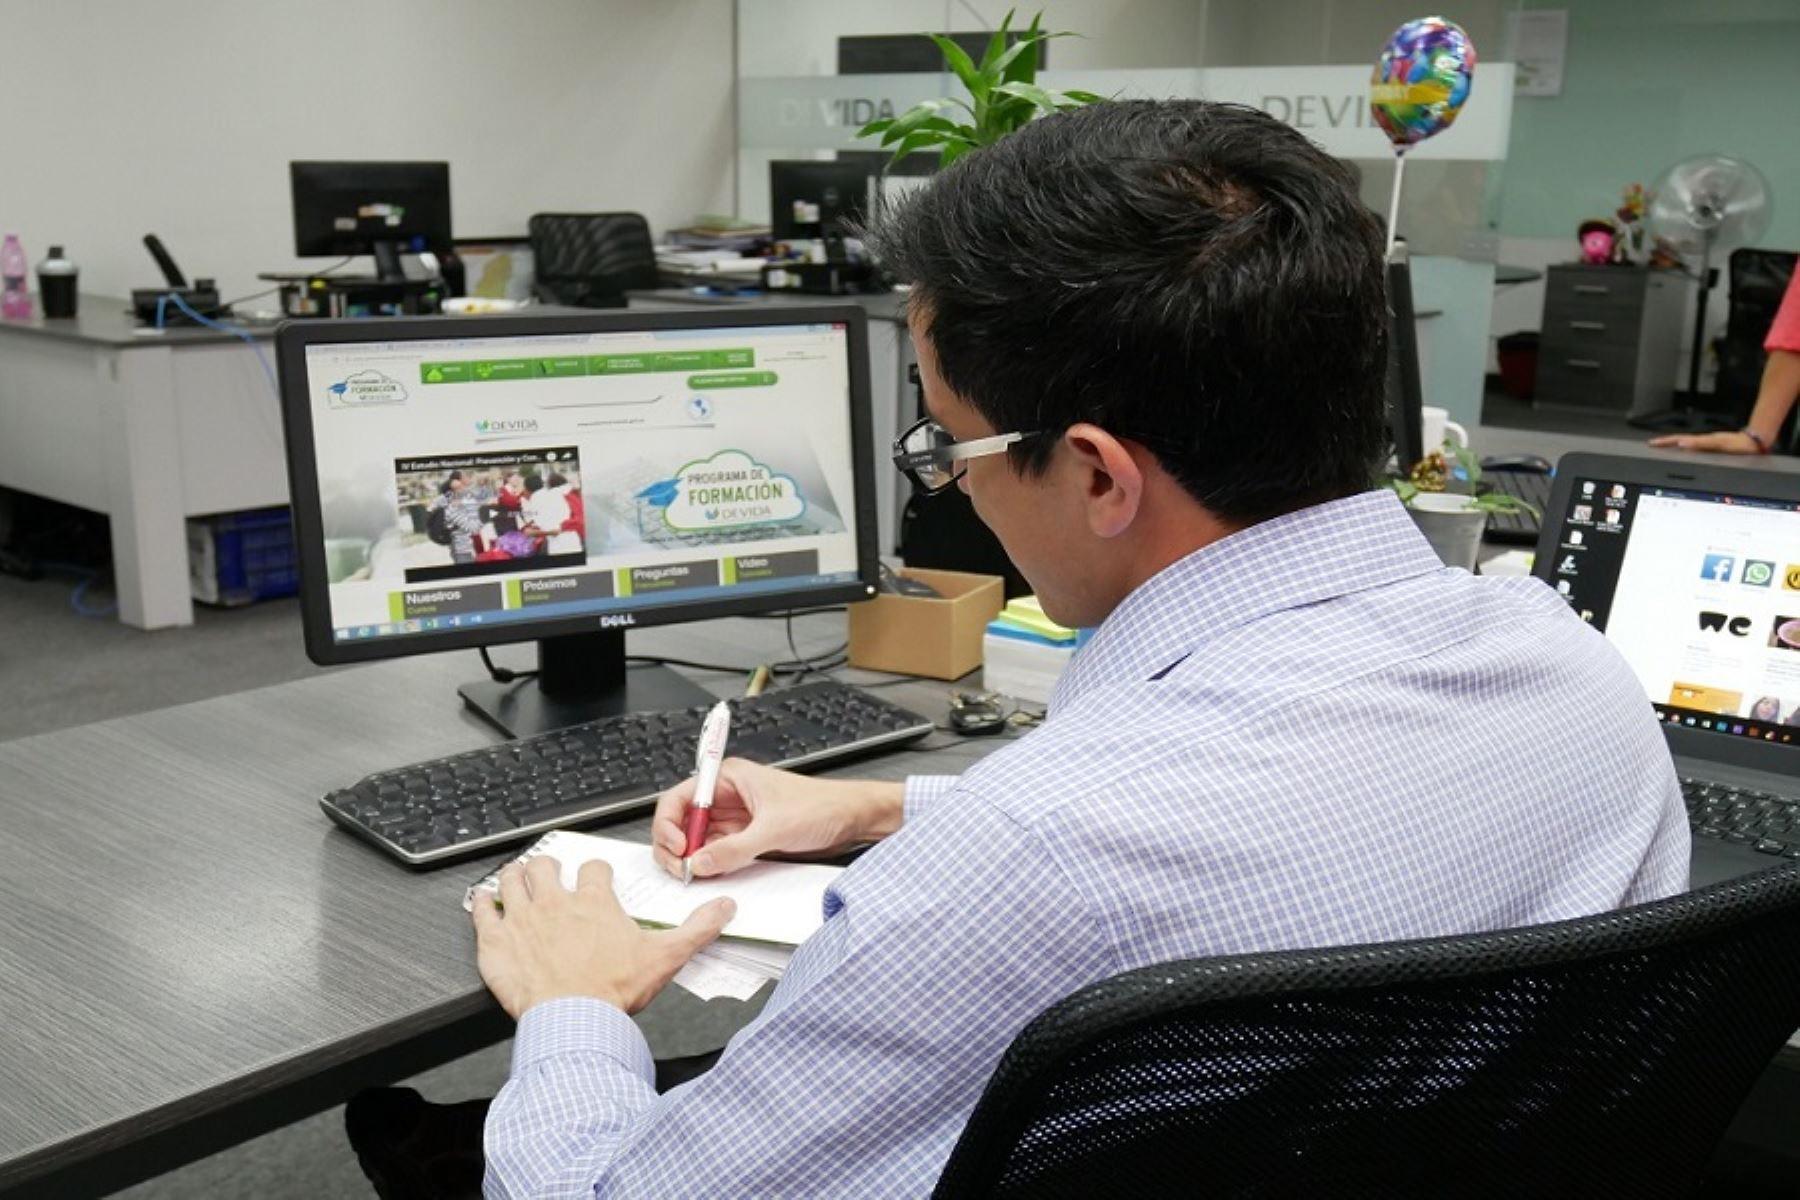 seguridad-y-salud-en-el-trabajo-menos-capacitaciones-digitales-incrementaran-costos